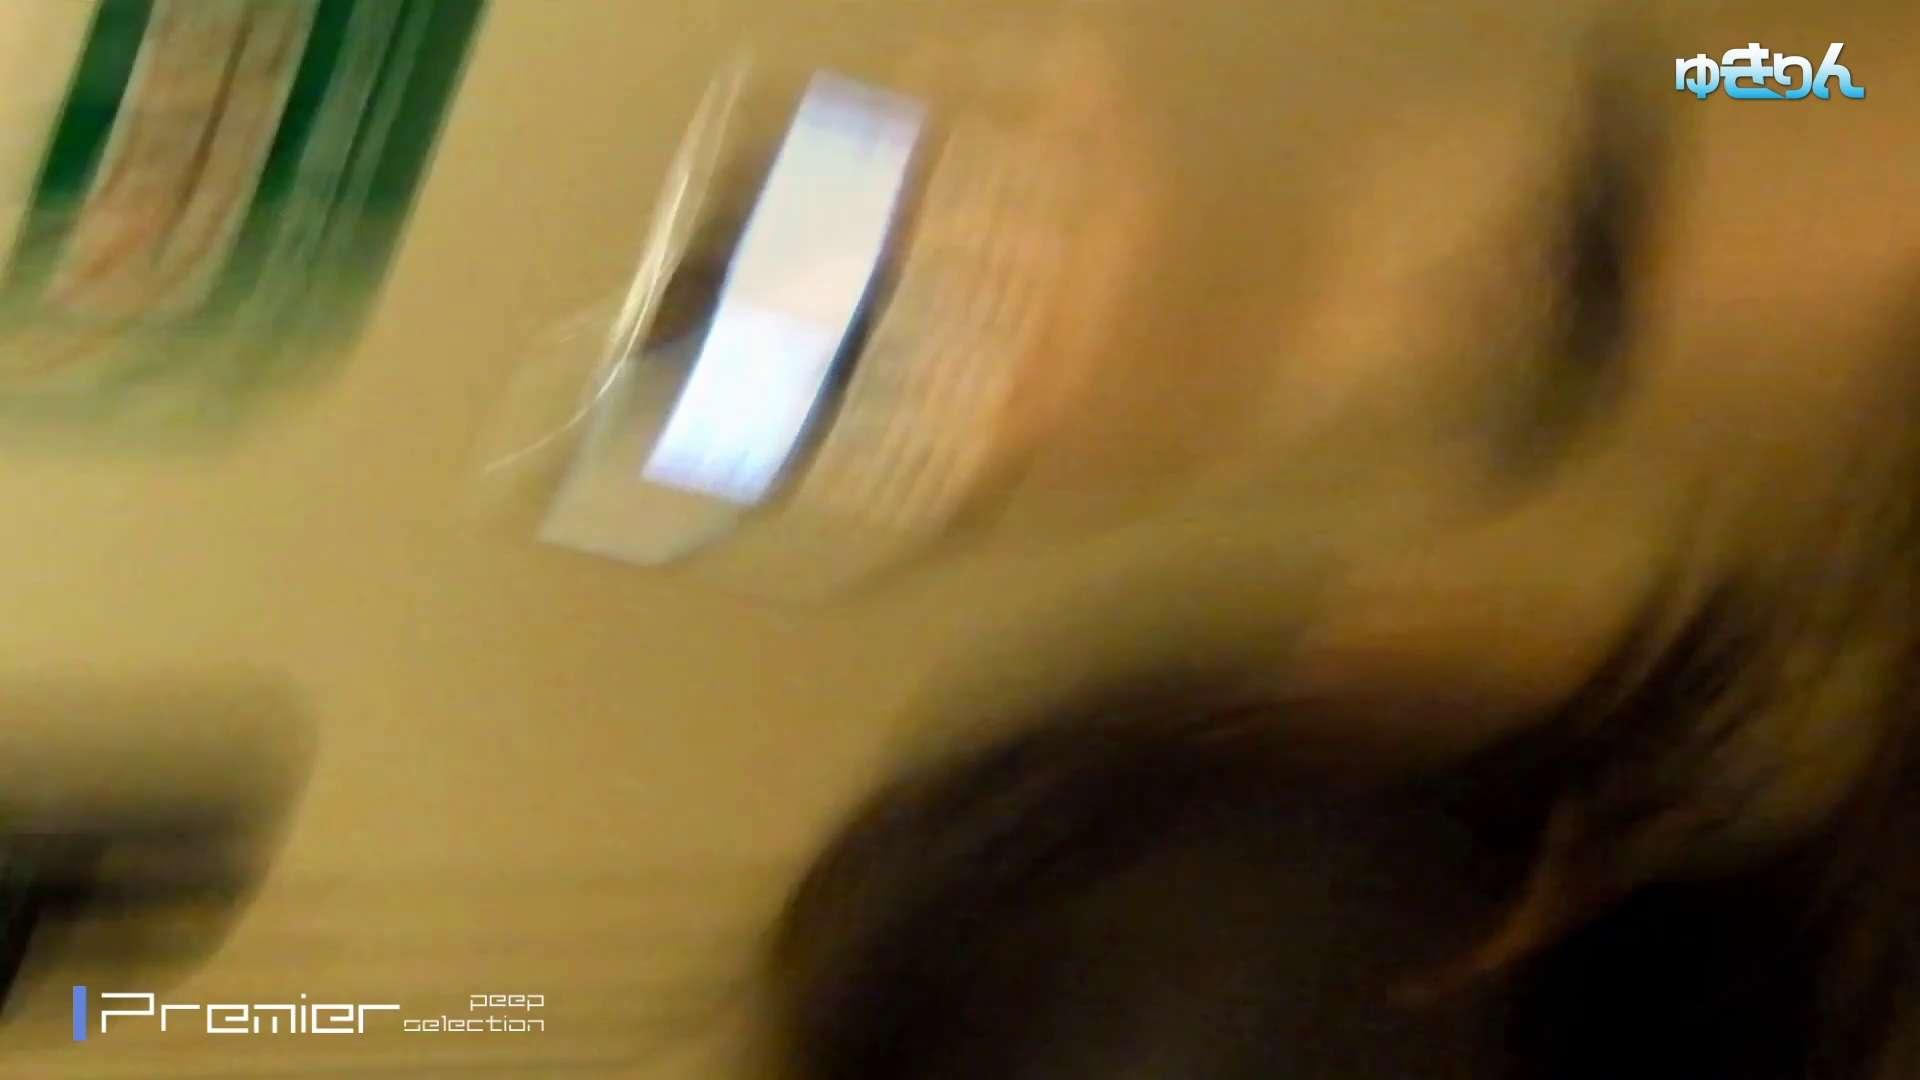 新世界の射窓 No98 キターッ特別に可愛い子の為、外まで粘着追い撮り!! 丸見え  107PIX 65